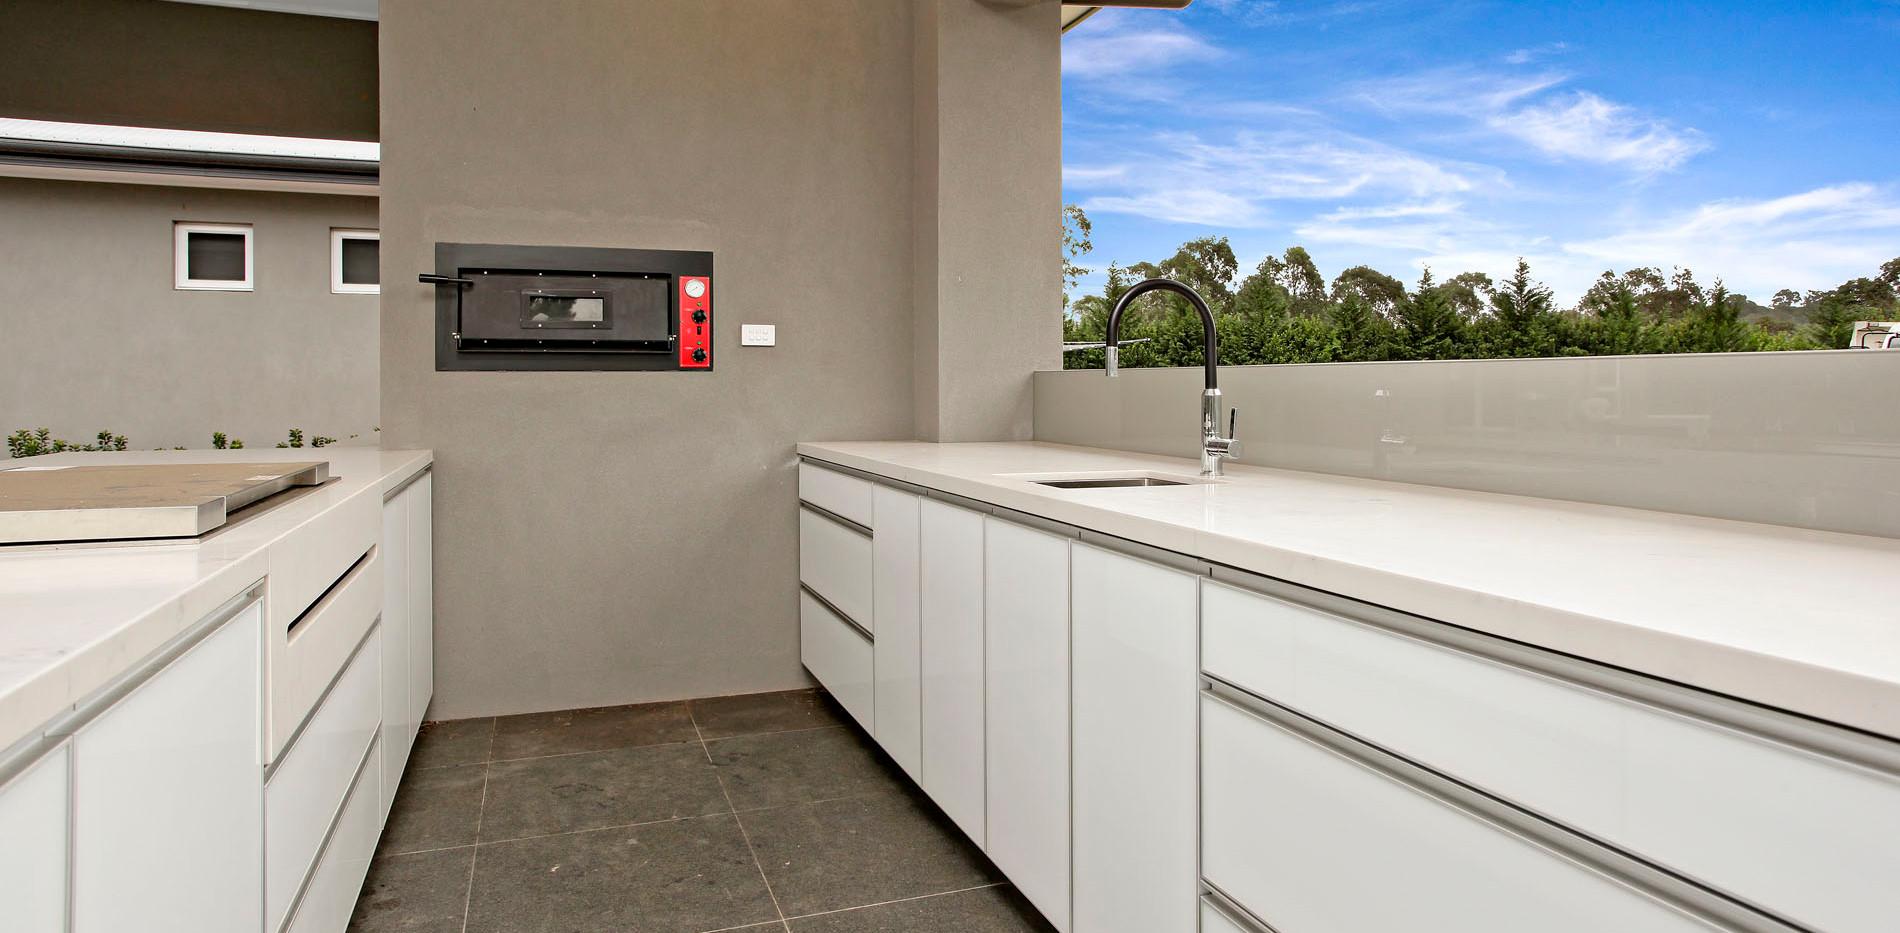 outdoor kitchens Sydney (1)